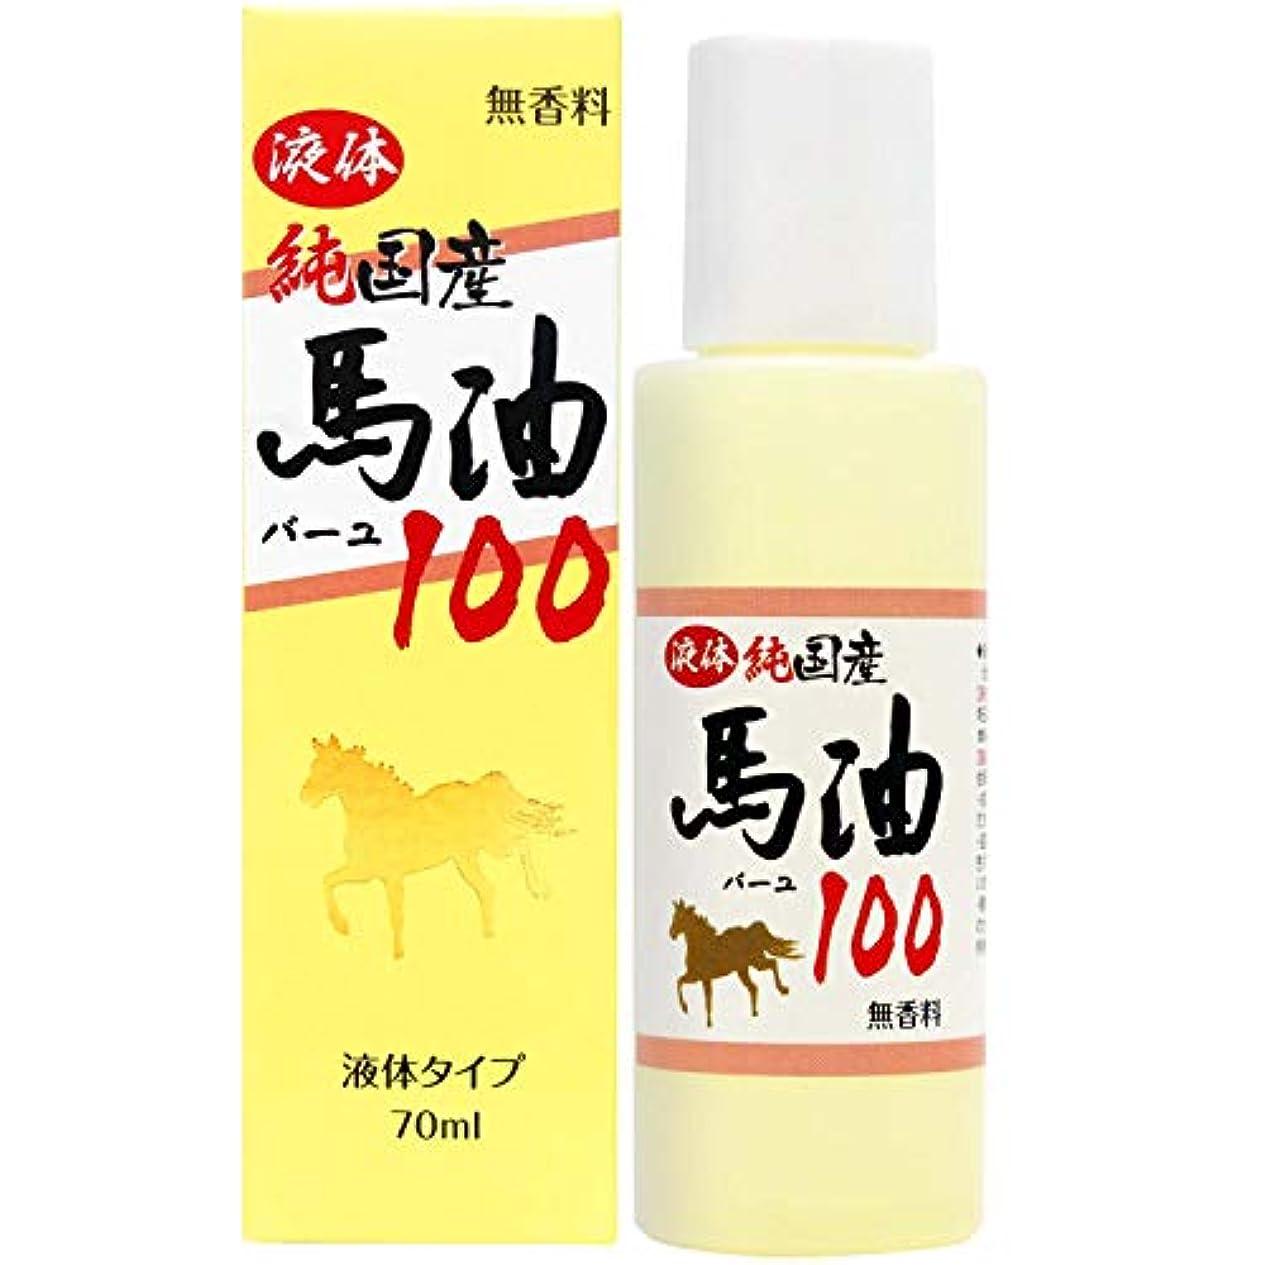 専門化する小麦粉何でもユウキ製薬 液体純国産馬油100 70ml